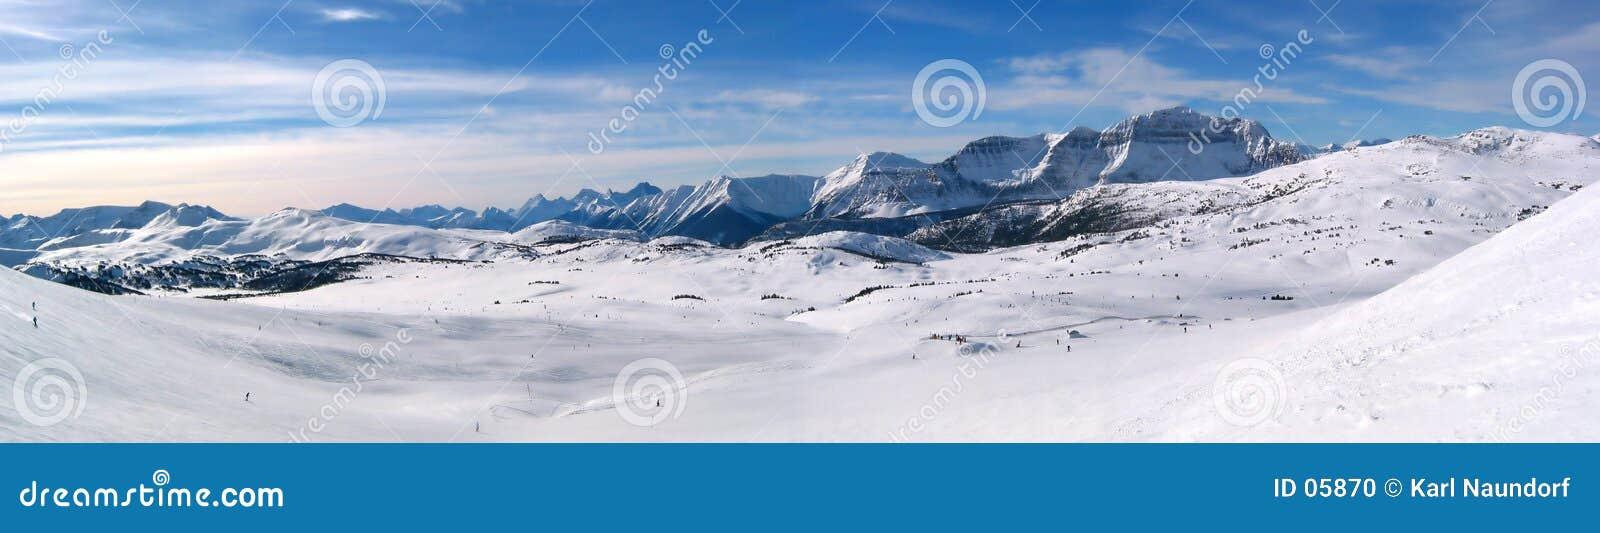 Berg panoramisch